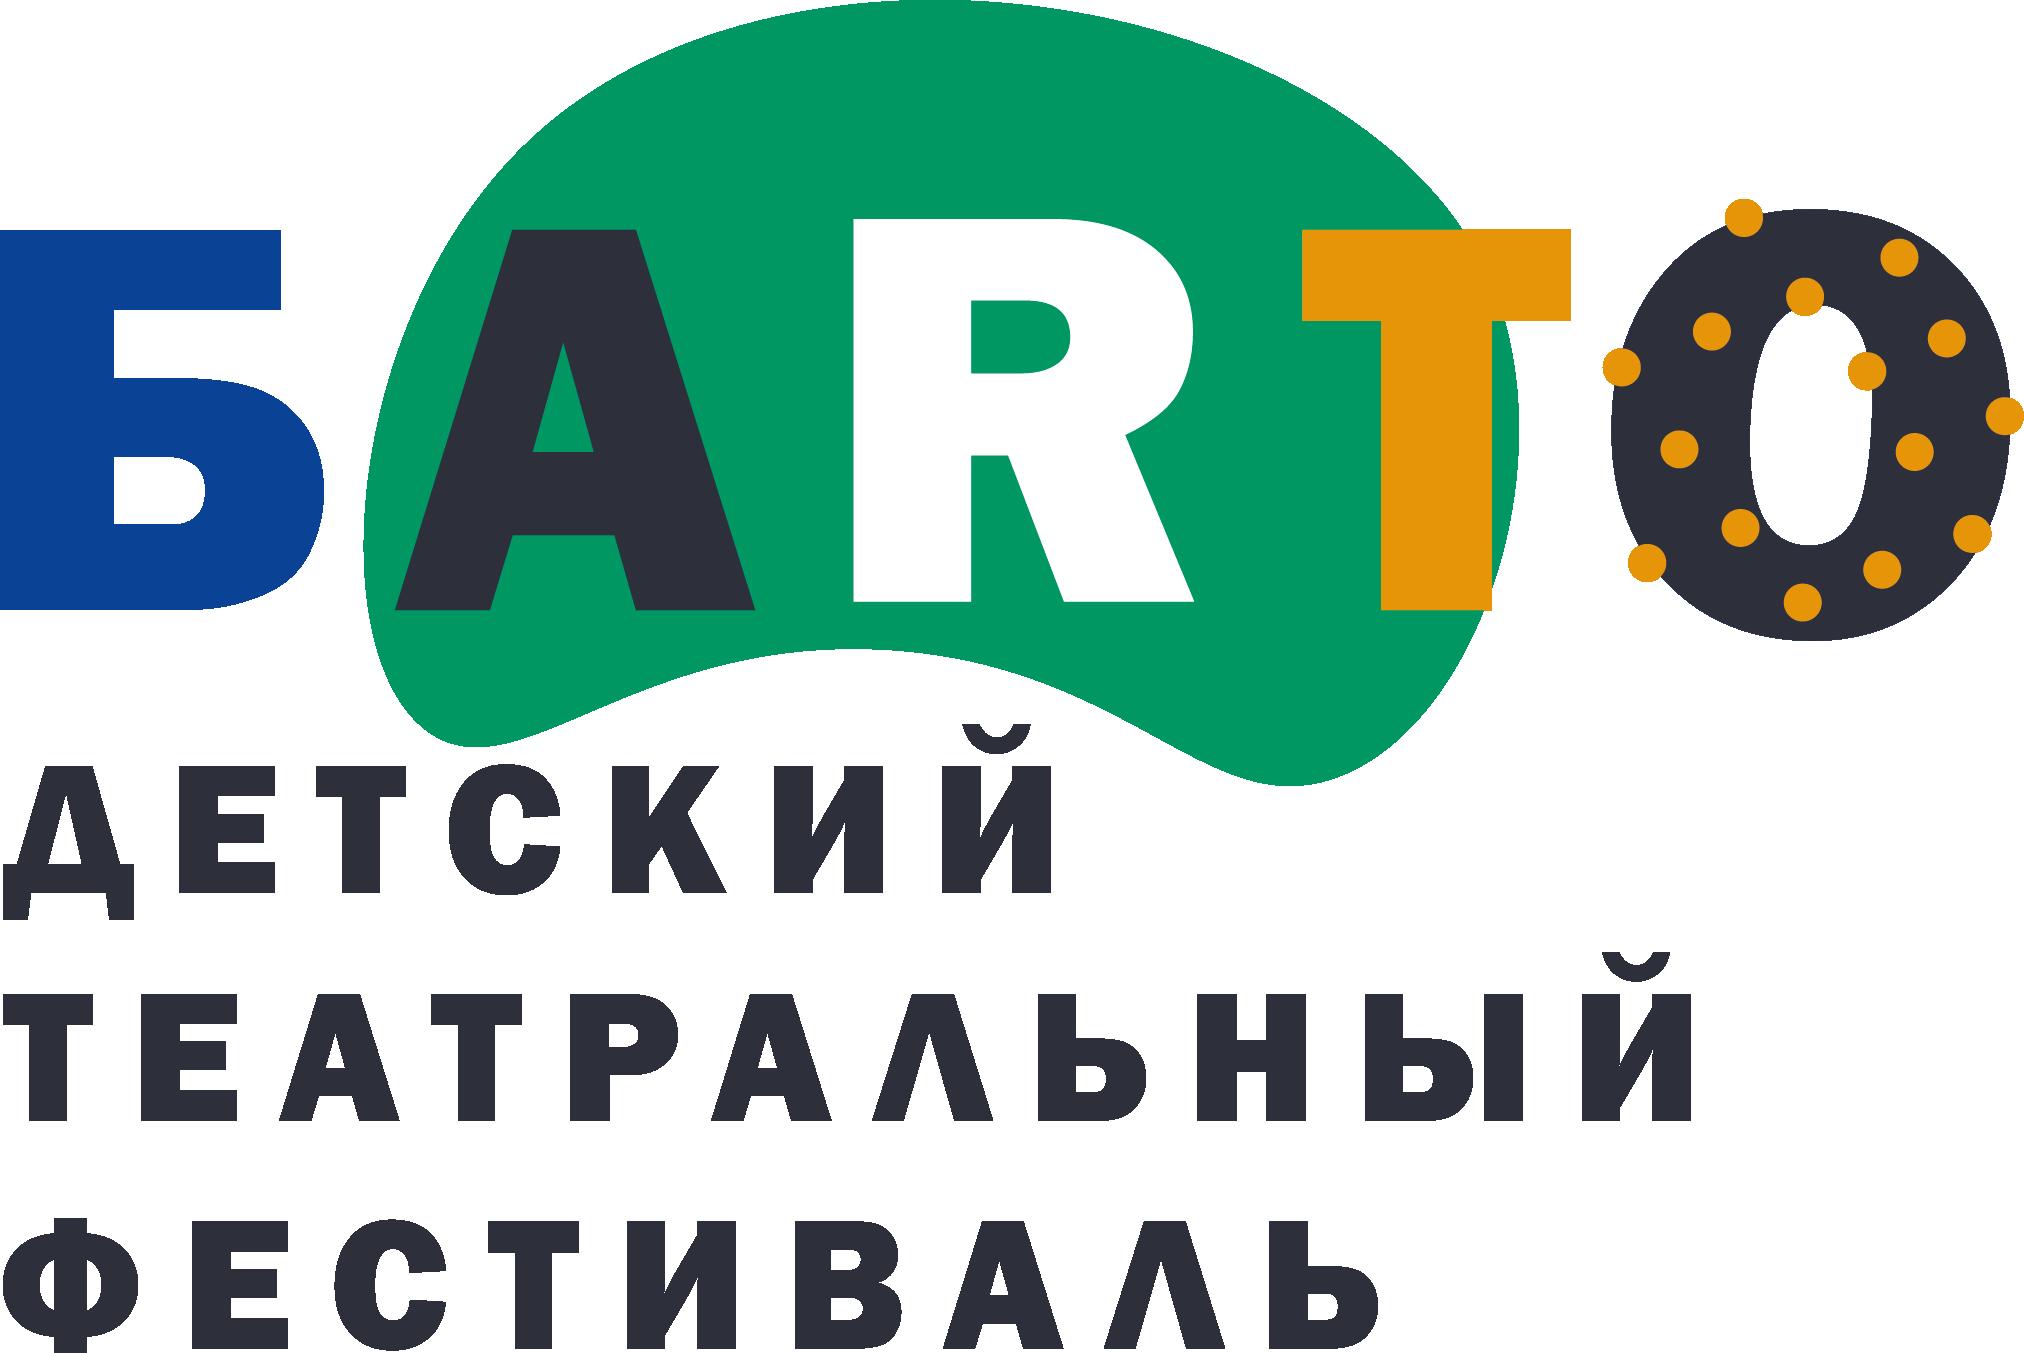 В ТЮЗе пройдет новый фестиваль, посвященный детскому театральному творчеству!